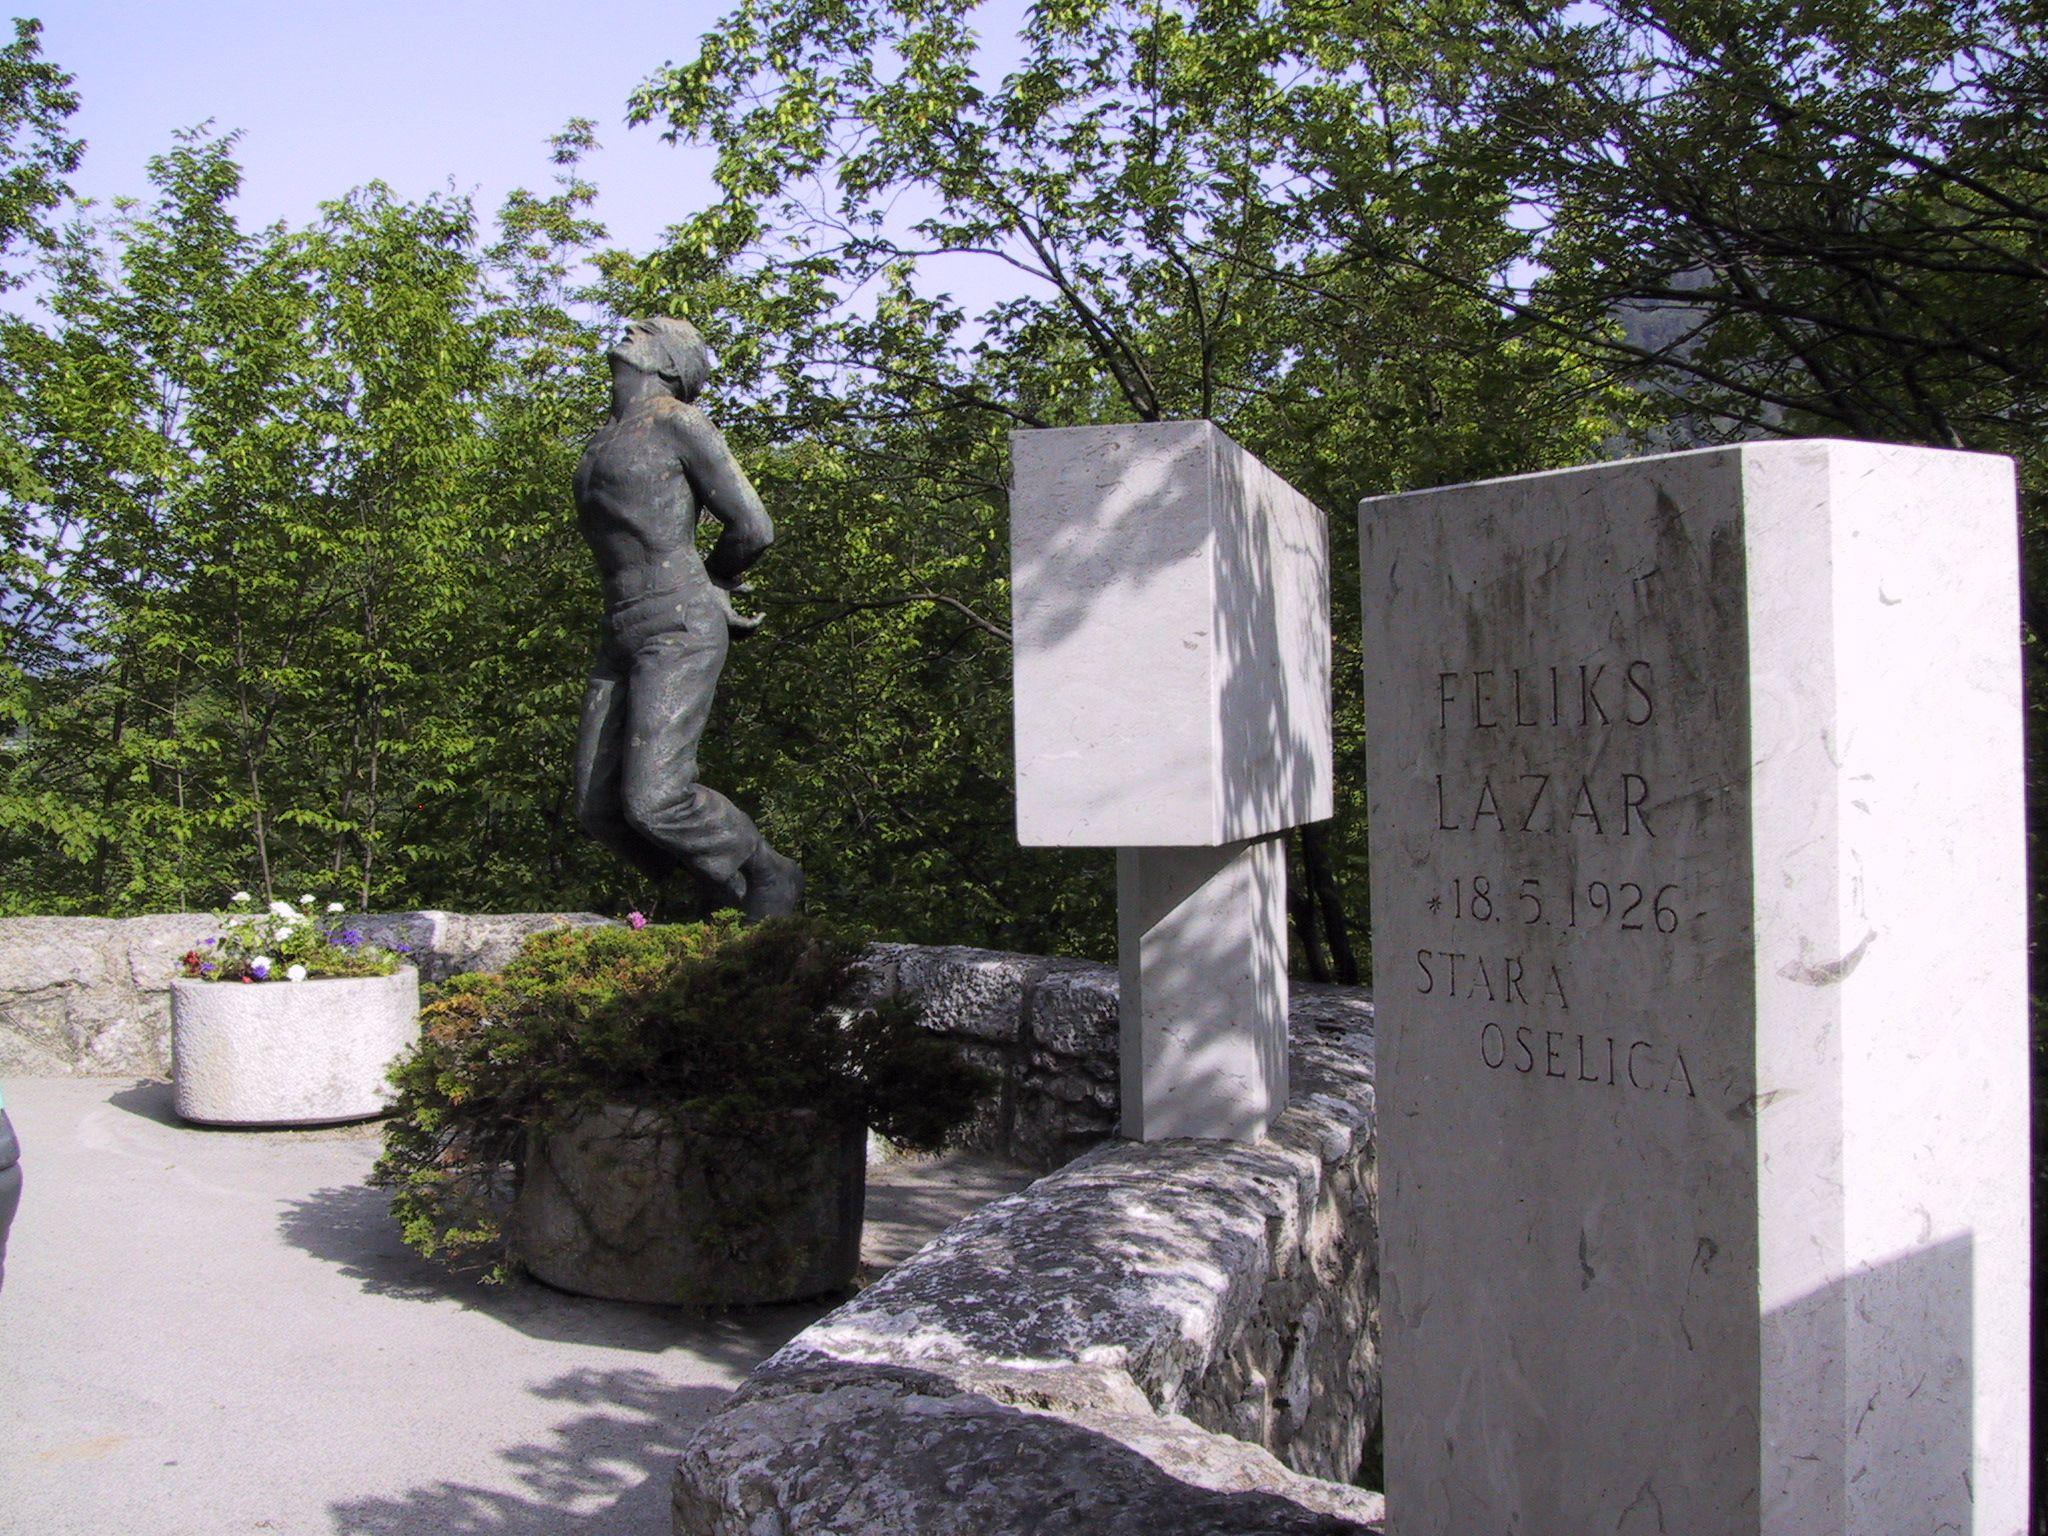 spomenik talcev, 22.6.06 003